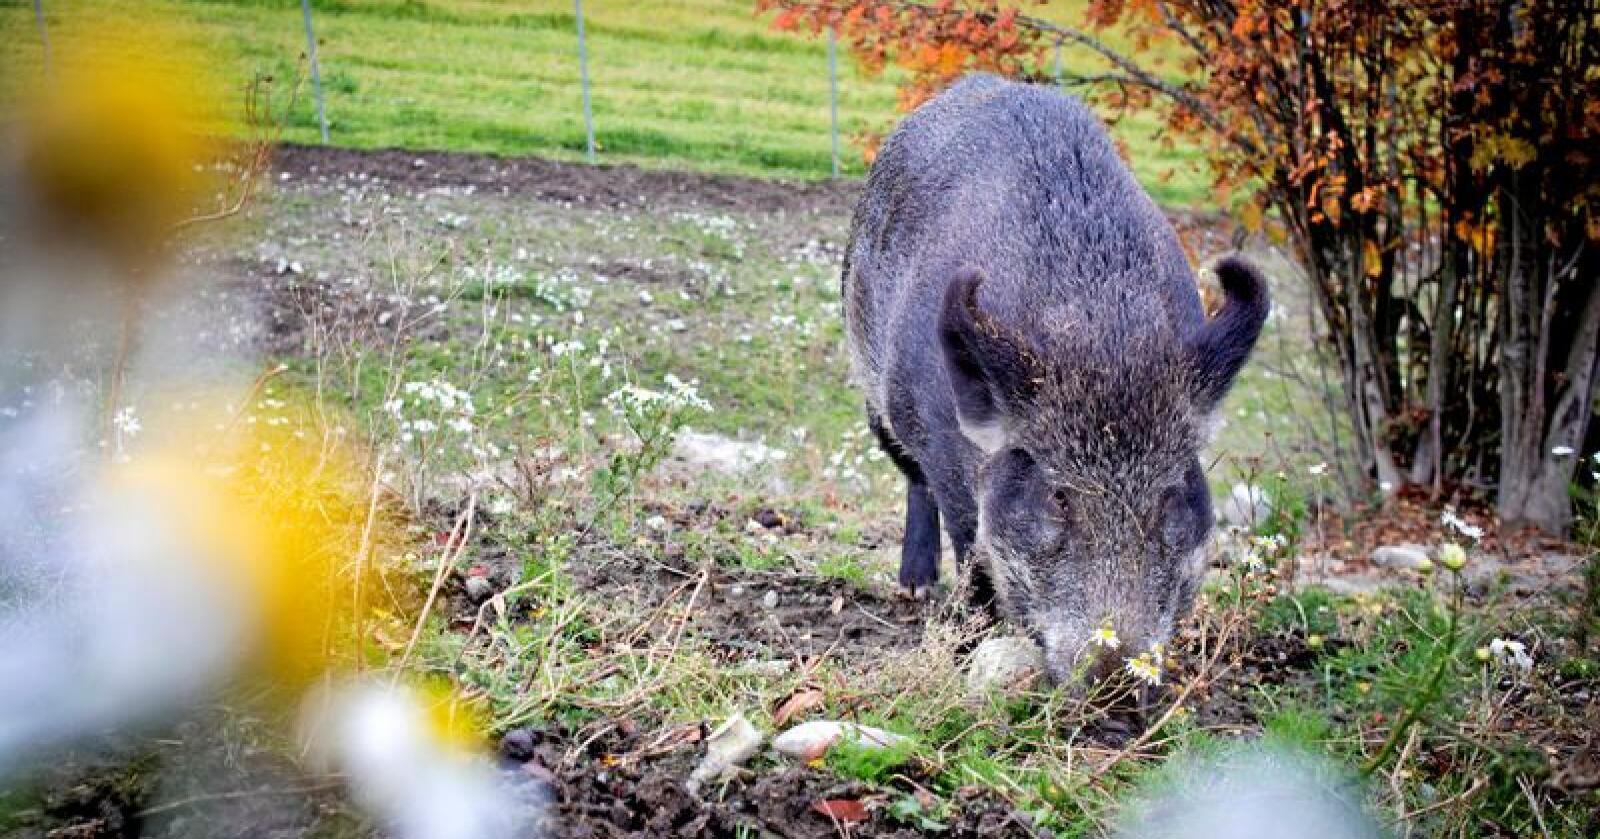 Nær deg: Villsvin oppsøker jorder og hager. Foto: Kyrre Lien / NTB scanpix